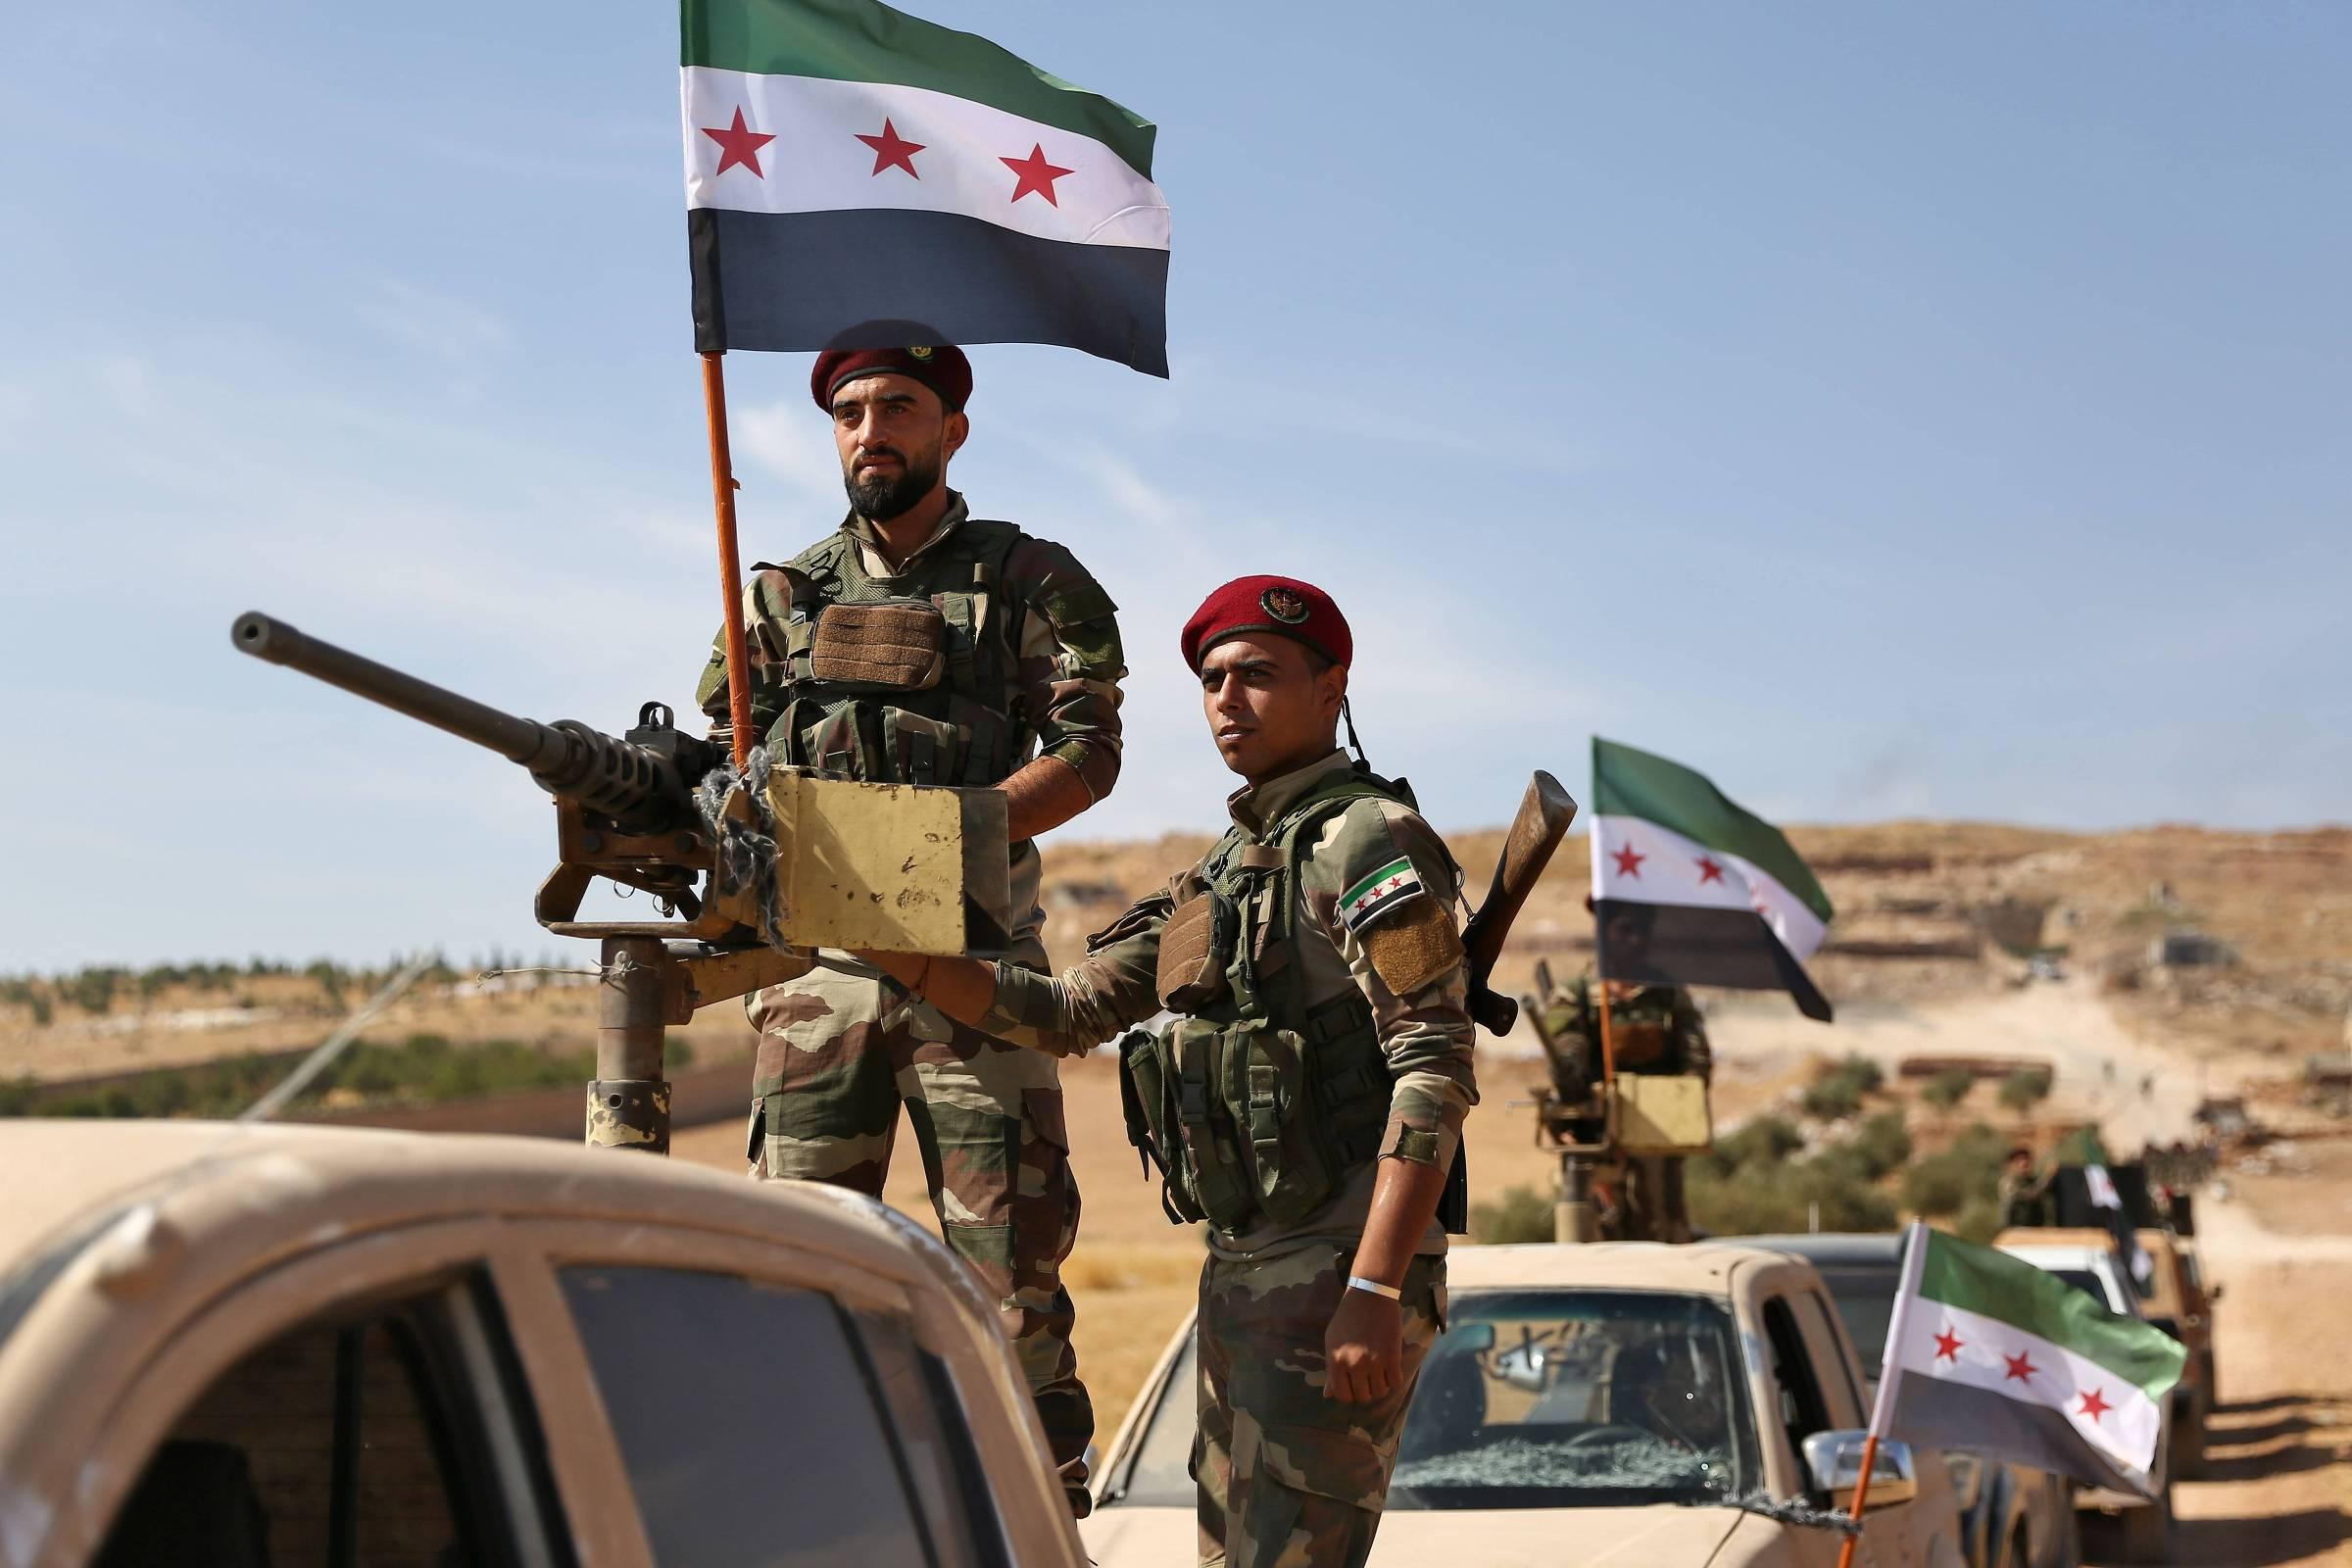 15707049915d9f0e5f22603 1570704991 3x2 rt   urandir   MUNDO   Entenda quem apoia quem na guerra na Síria, que envolve Turquia, Rússia e EUA